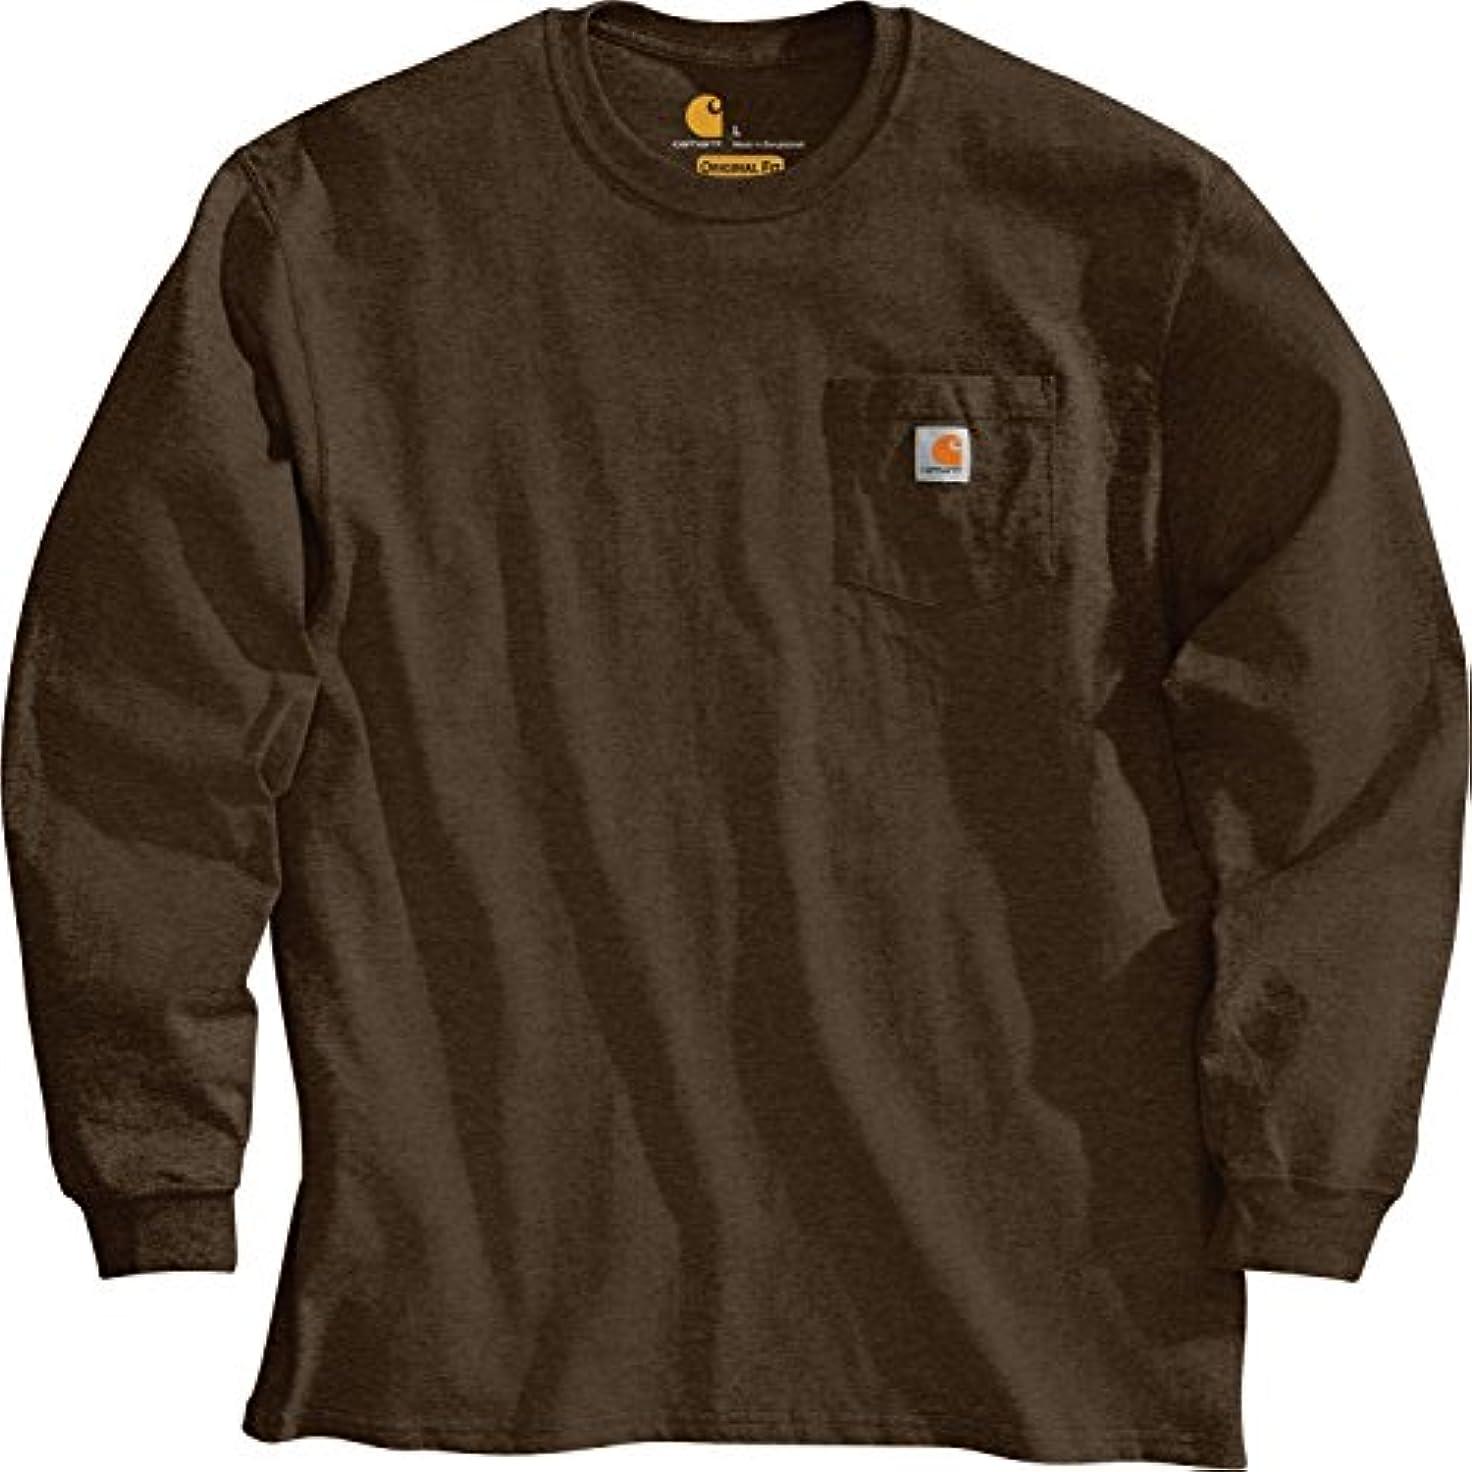 マイクロプロセッサ荷物ギャラリーカーハート トップス シャツ Carhartt Men's Workwear Long Sleeve Shir DarkBrown [並行輸入品]